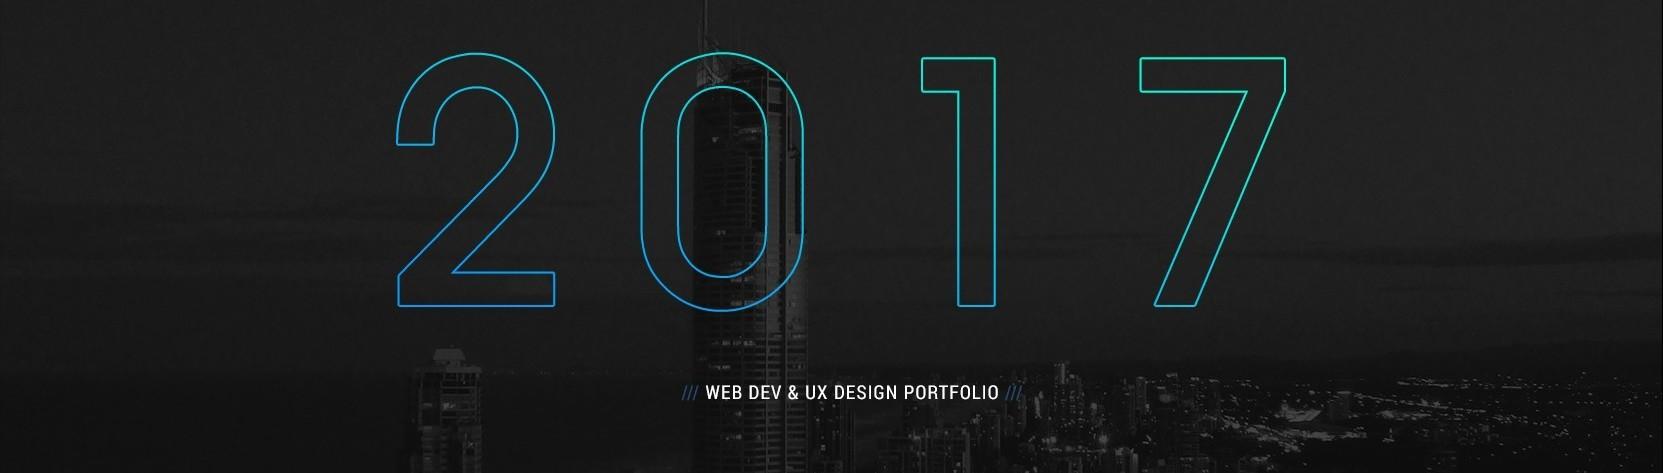 Web & UX Designer Portfolio of 2017